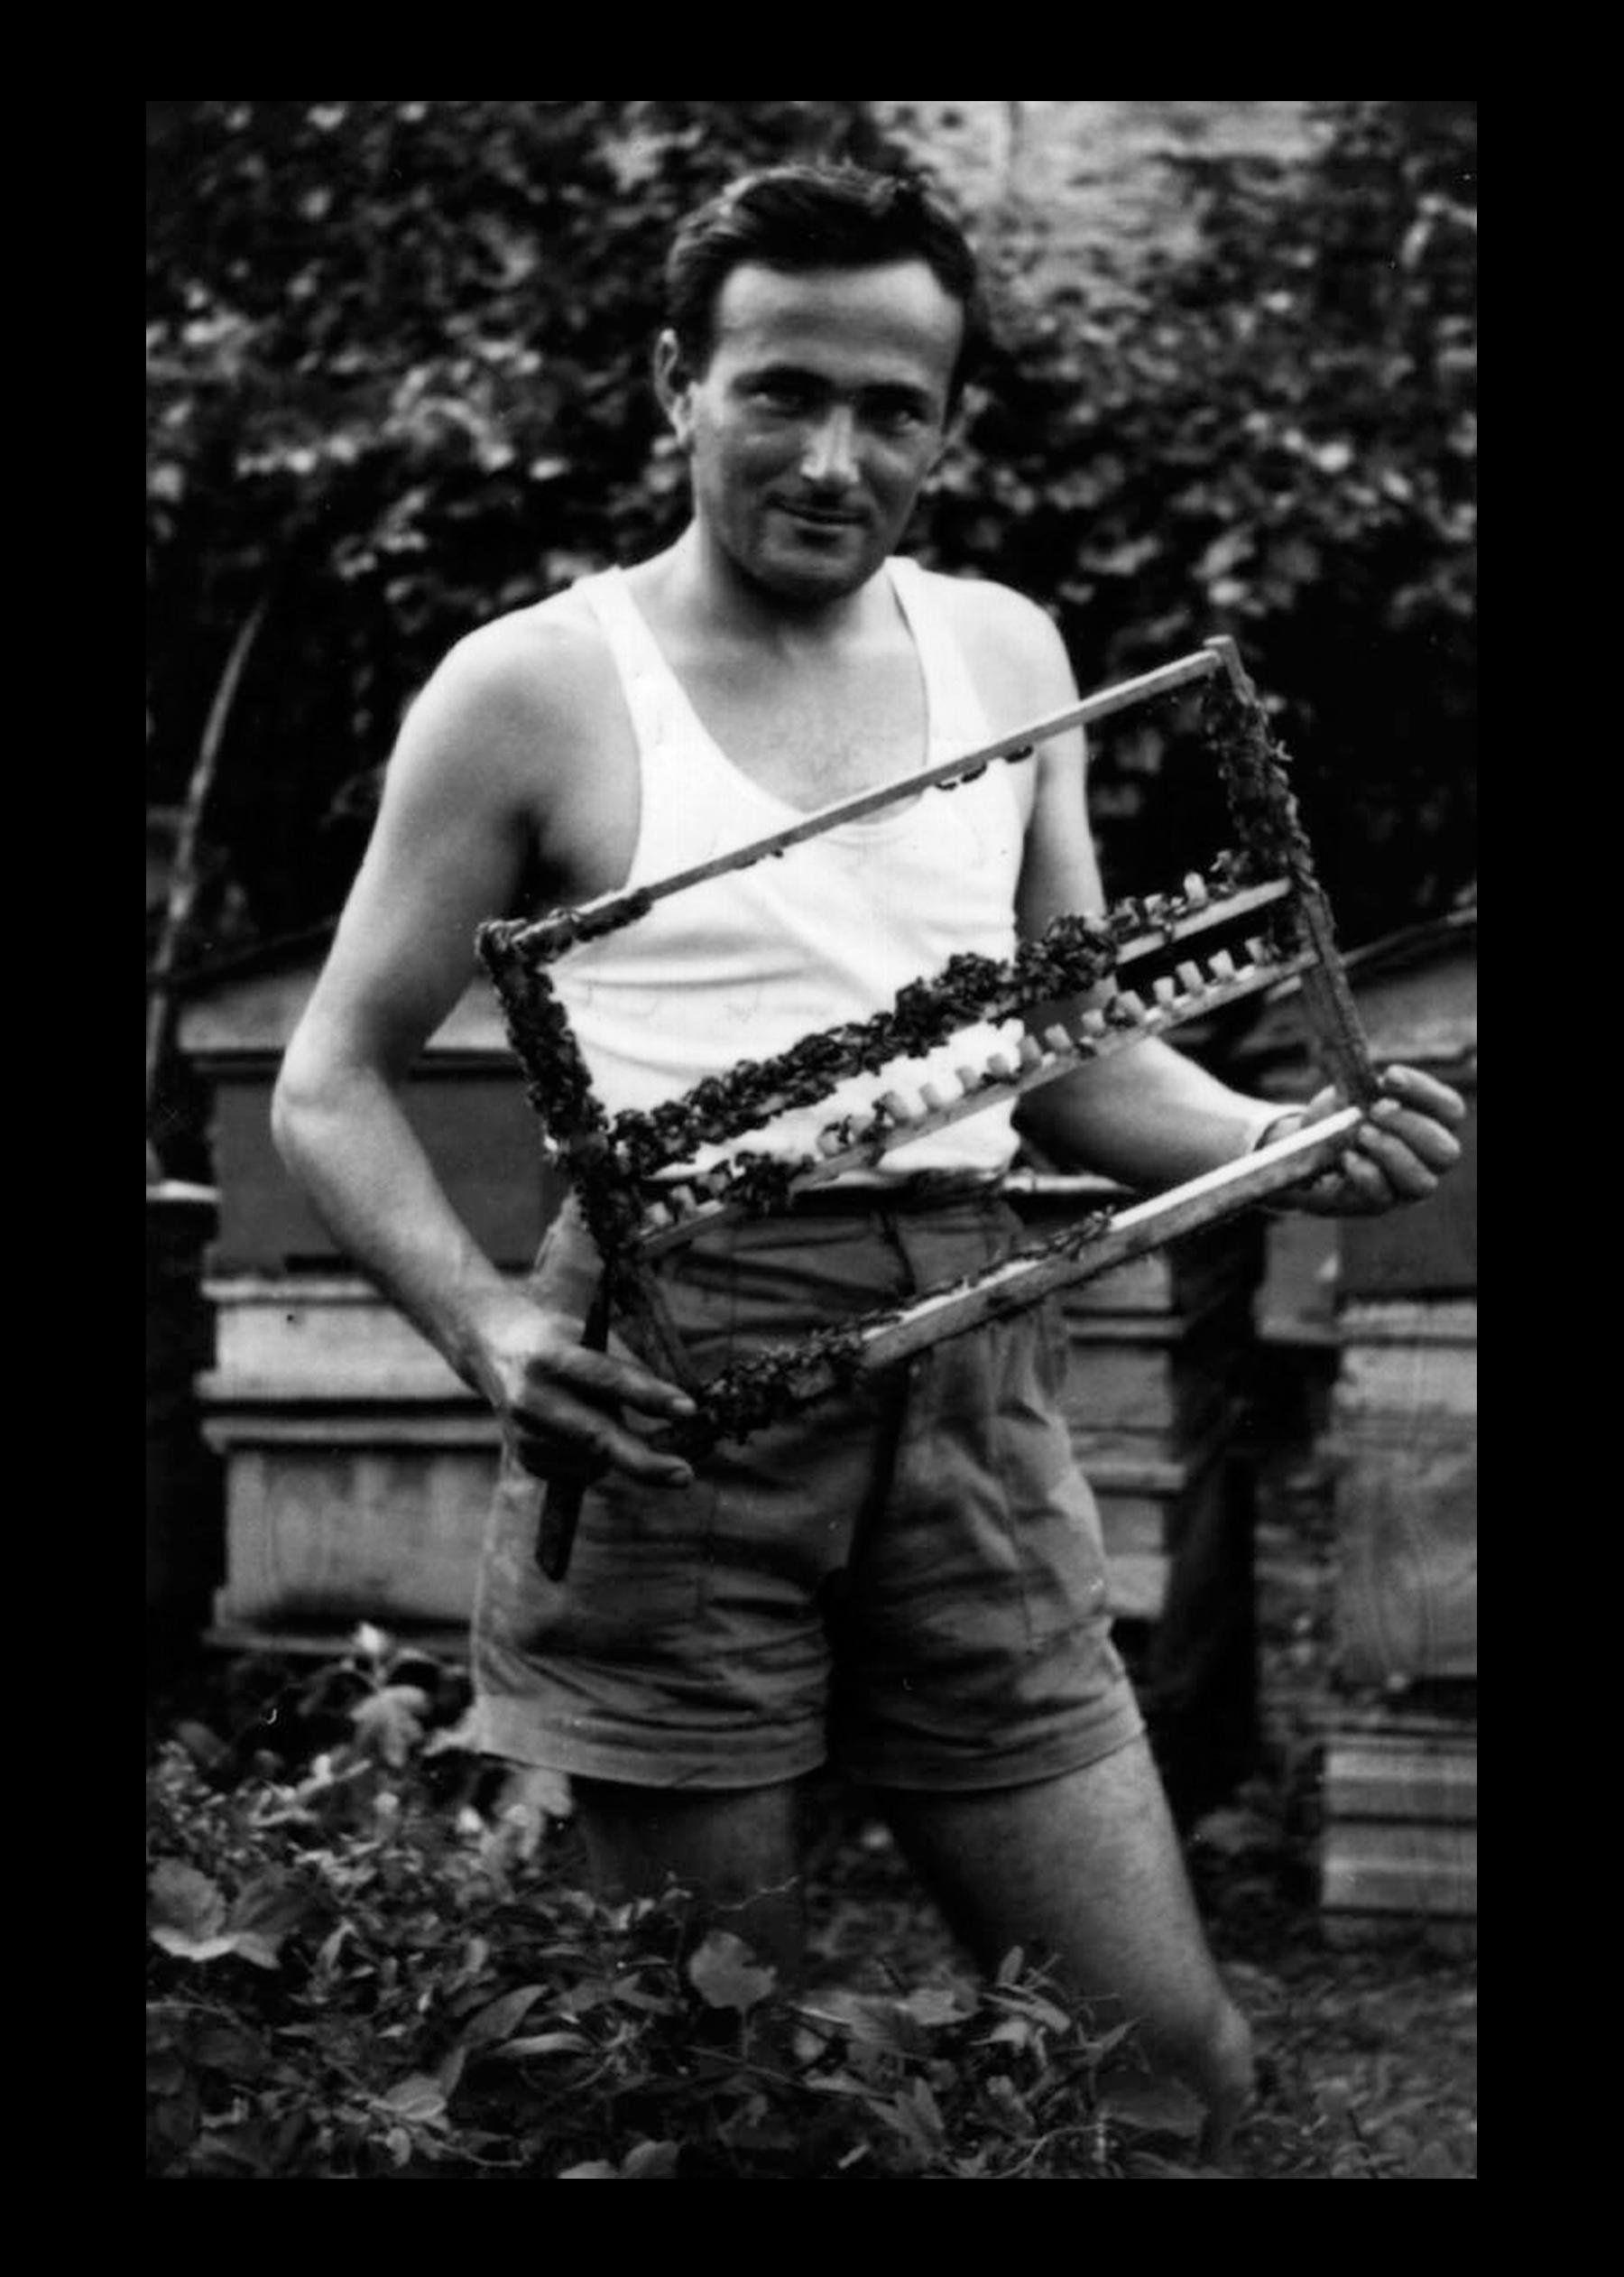 Bruno Ansaloni - Apicultore - con telaio api